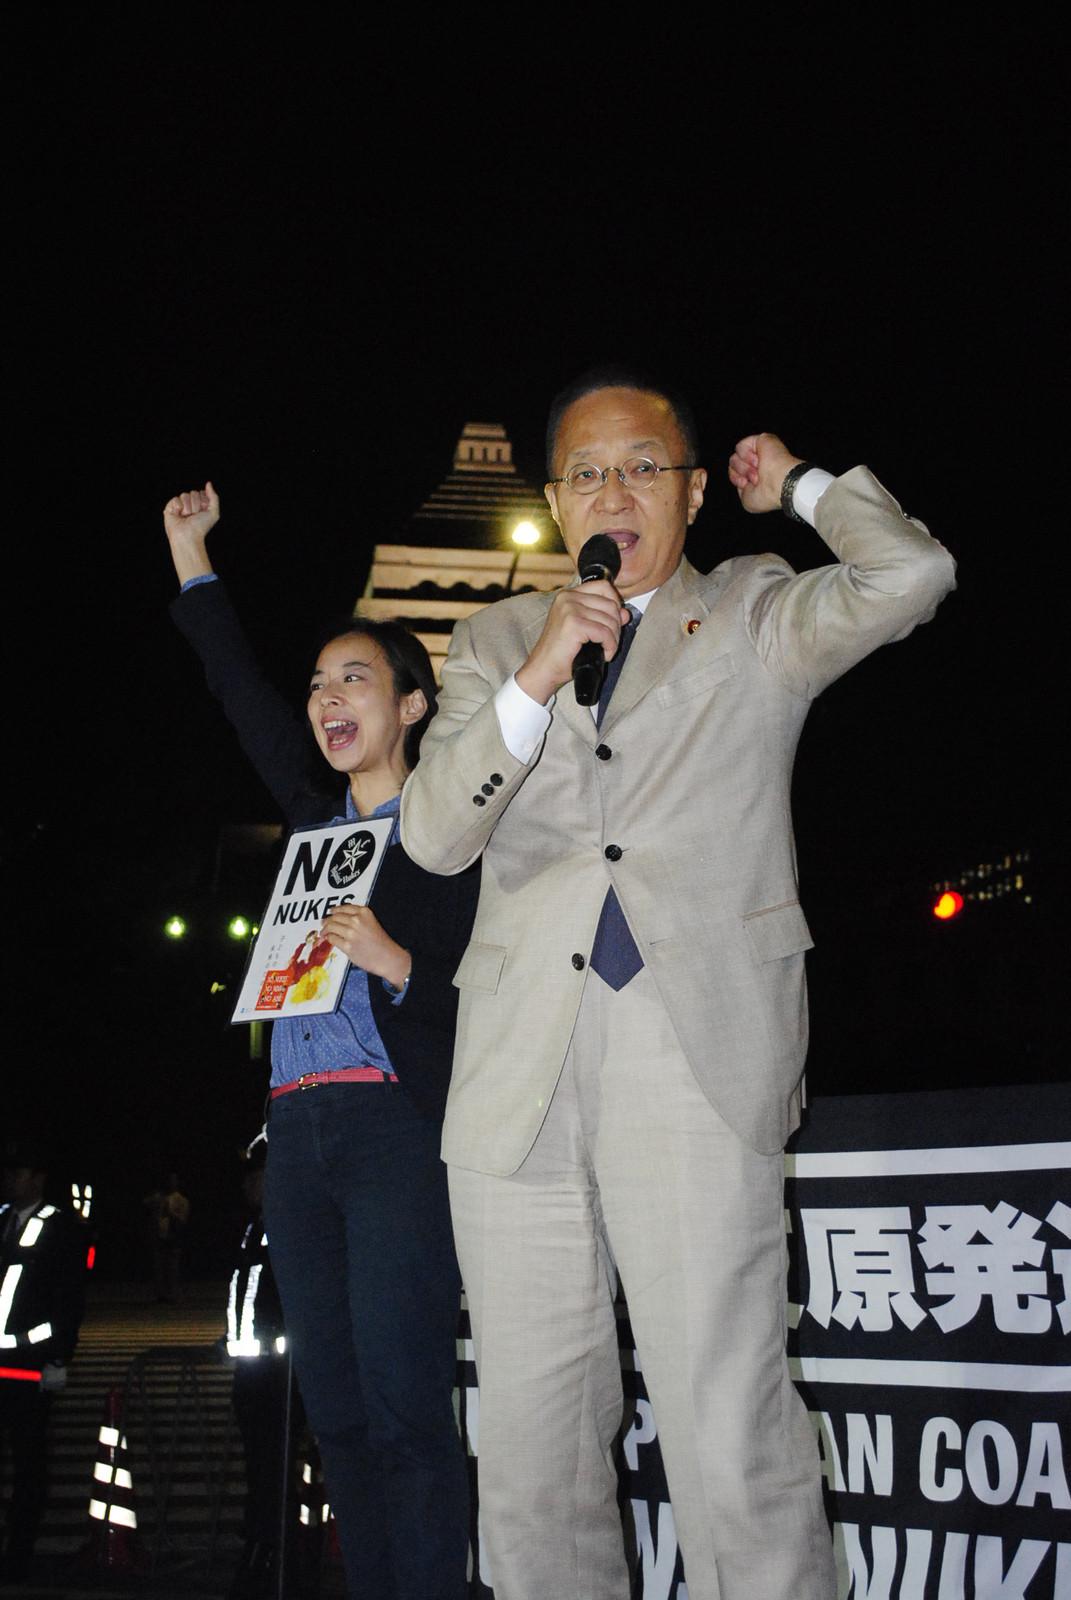 スピーチする笠井衆院議員(右)と吉良参院議員=17日、国会正門前